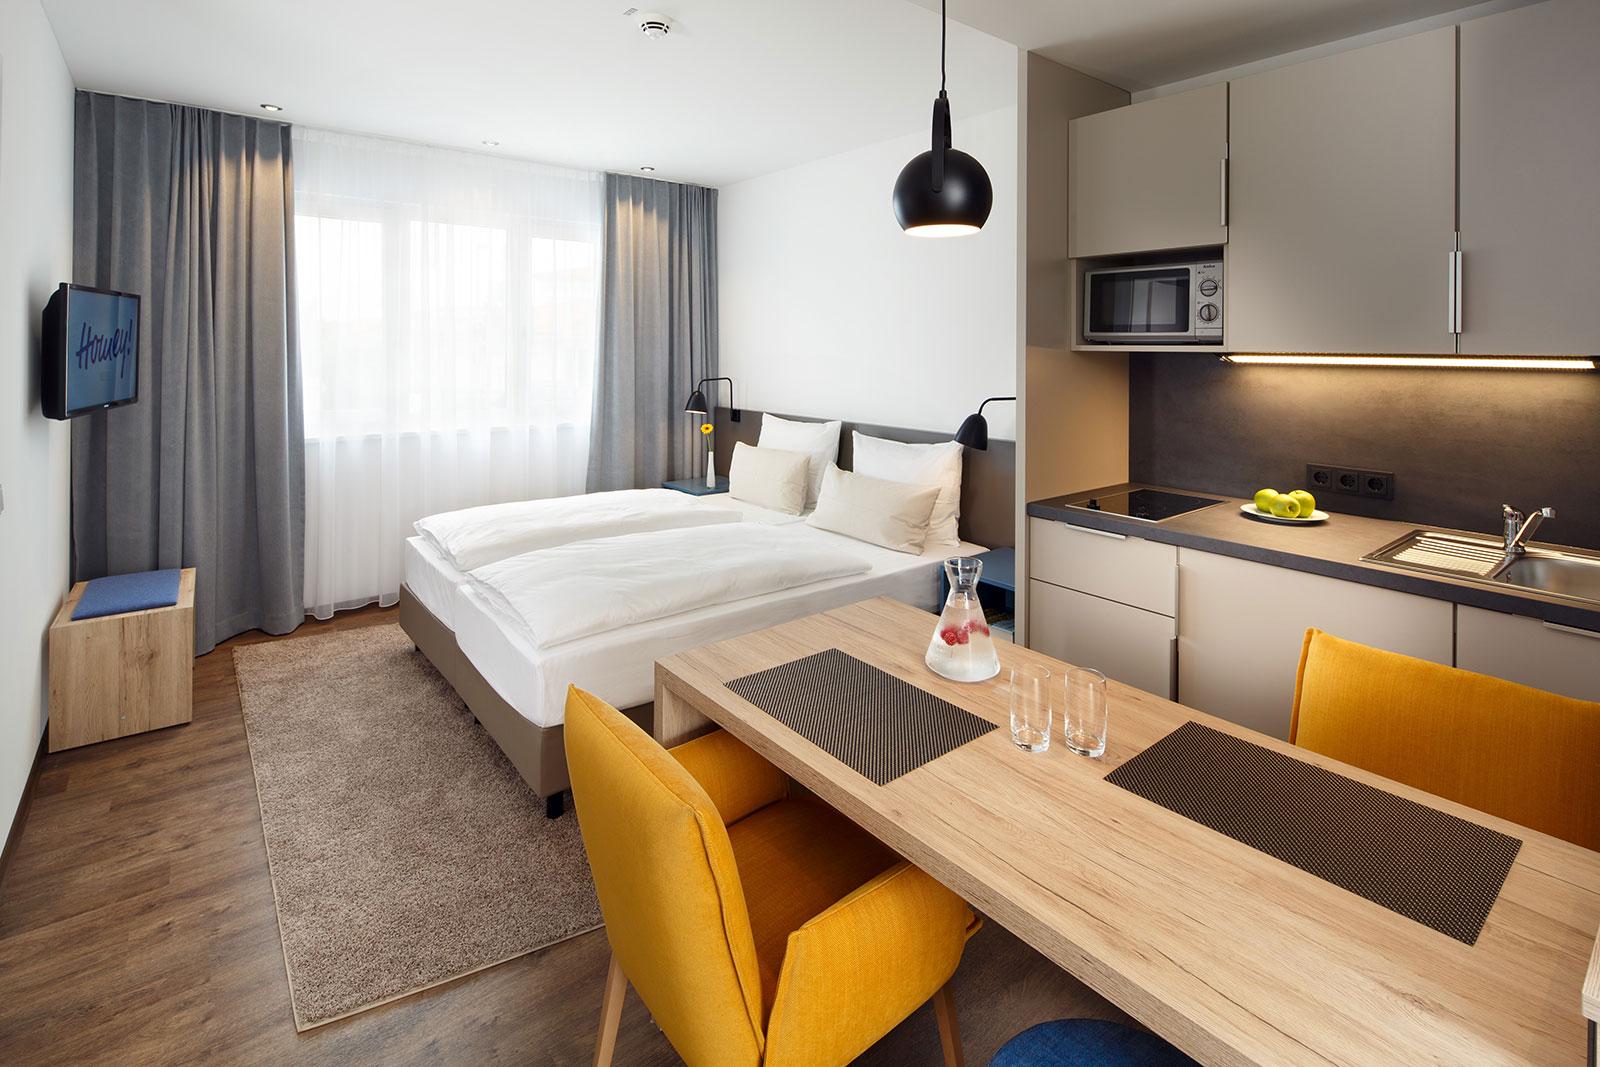 studio nr 1 apartment f r zwei mit kochnische homey hotel. Black Bedroom Furniture Sets. Home Design Ideas